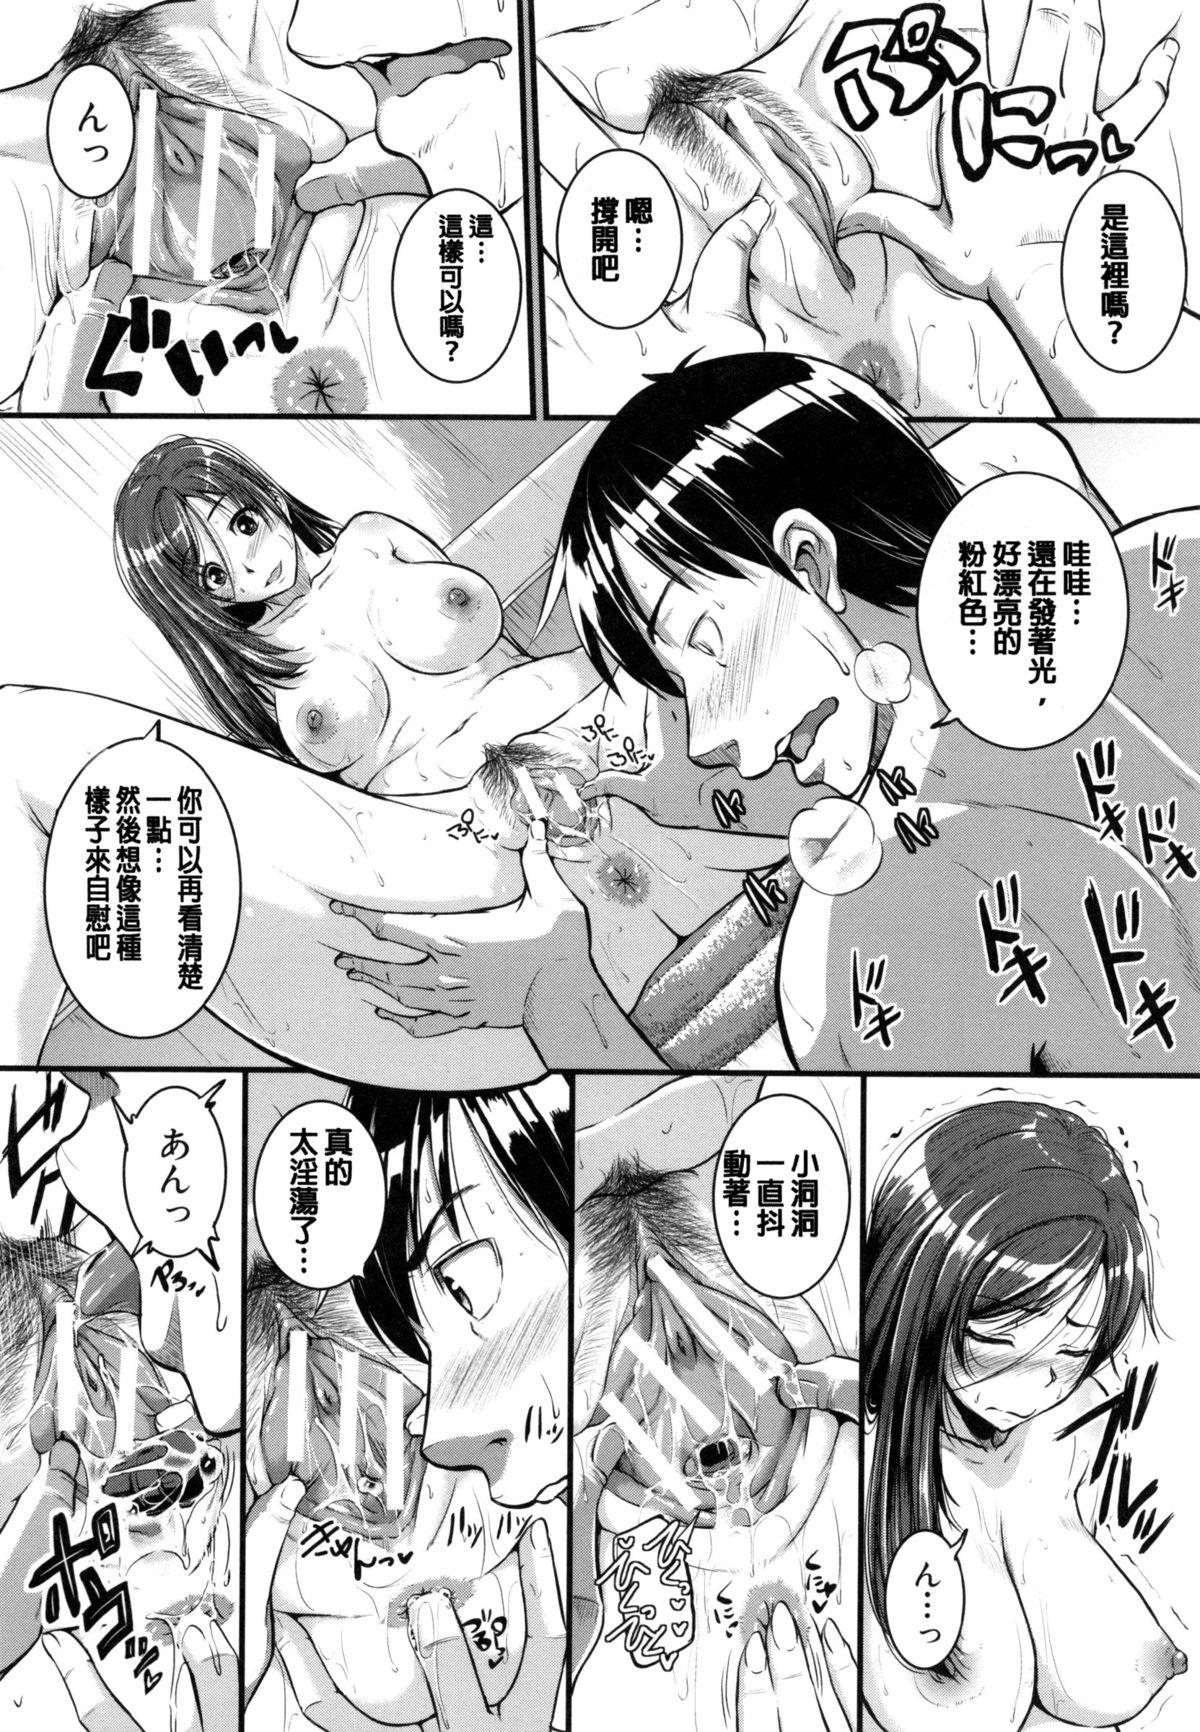 Aibenki Tonari no Dosukebe Onee-san 8